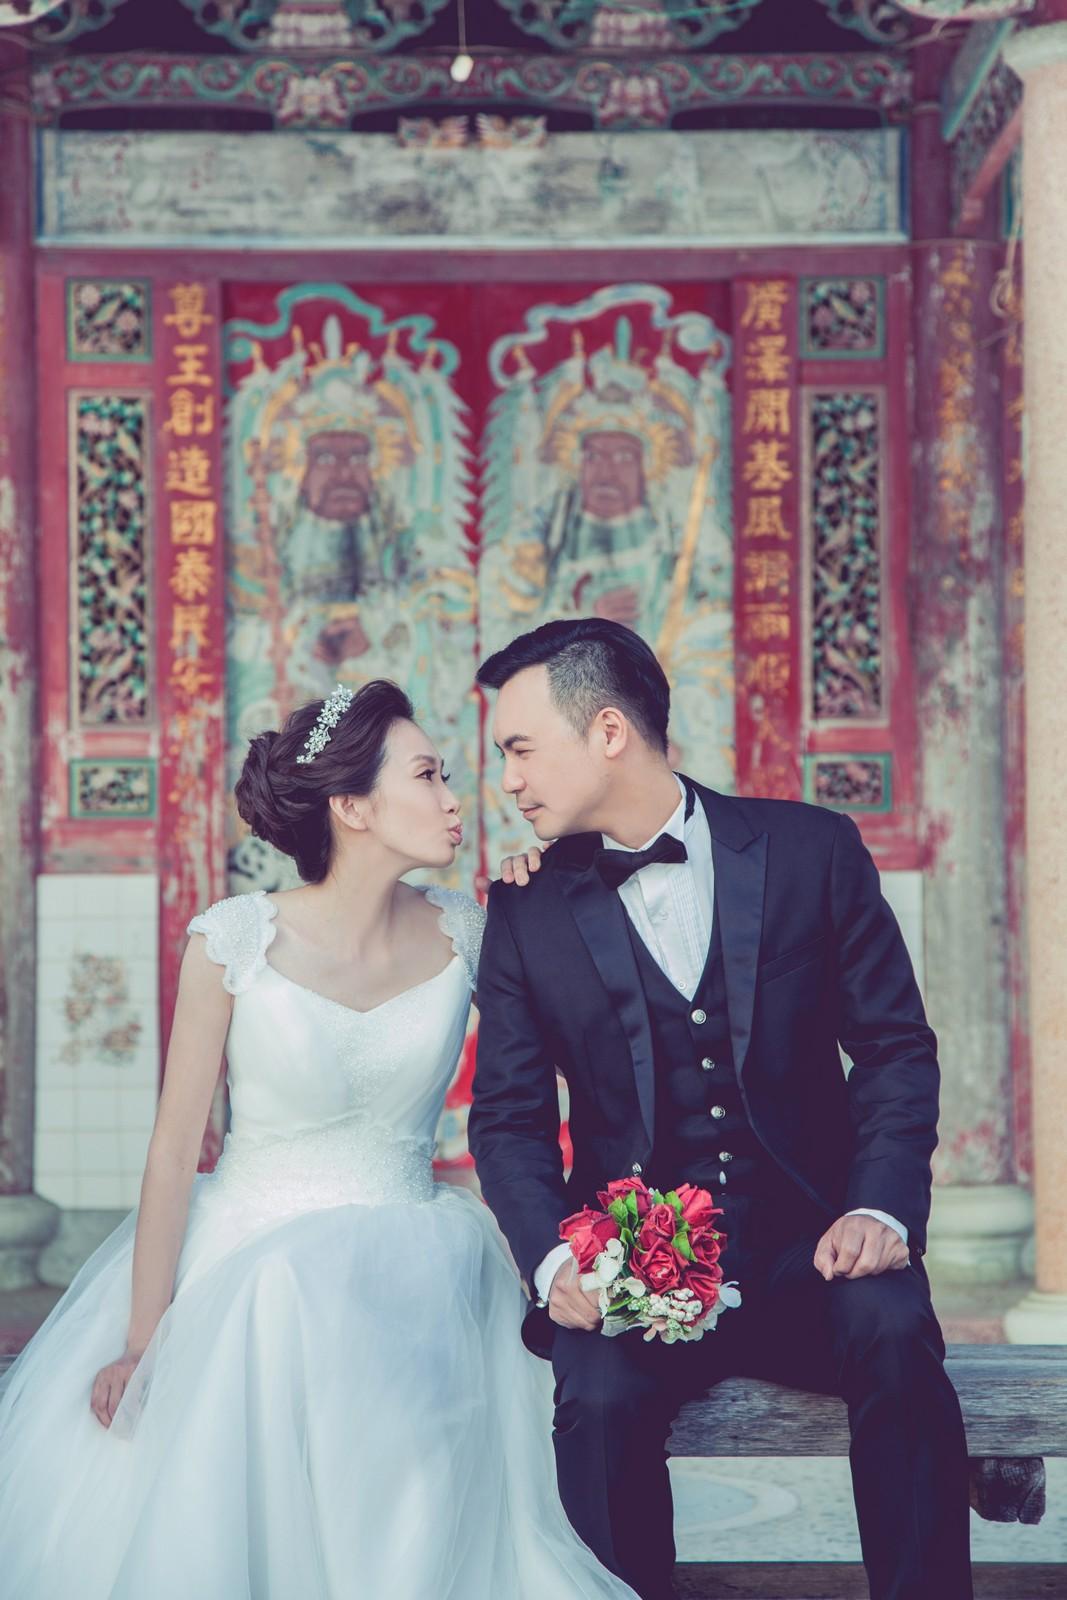 自助婚紗,自主婚紗推薦,台南 自助婚紗,tn27